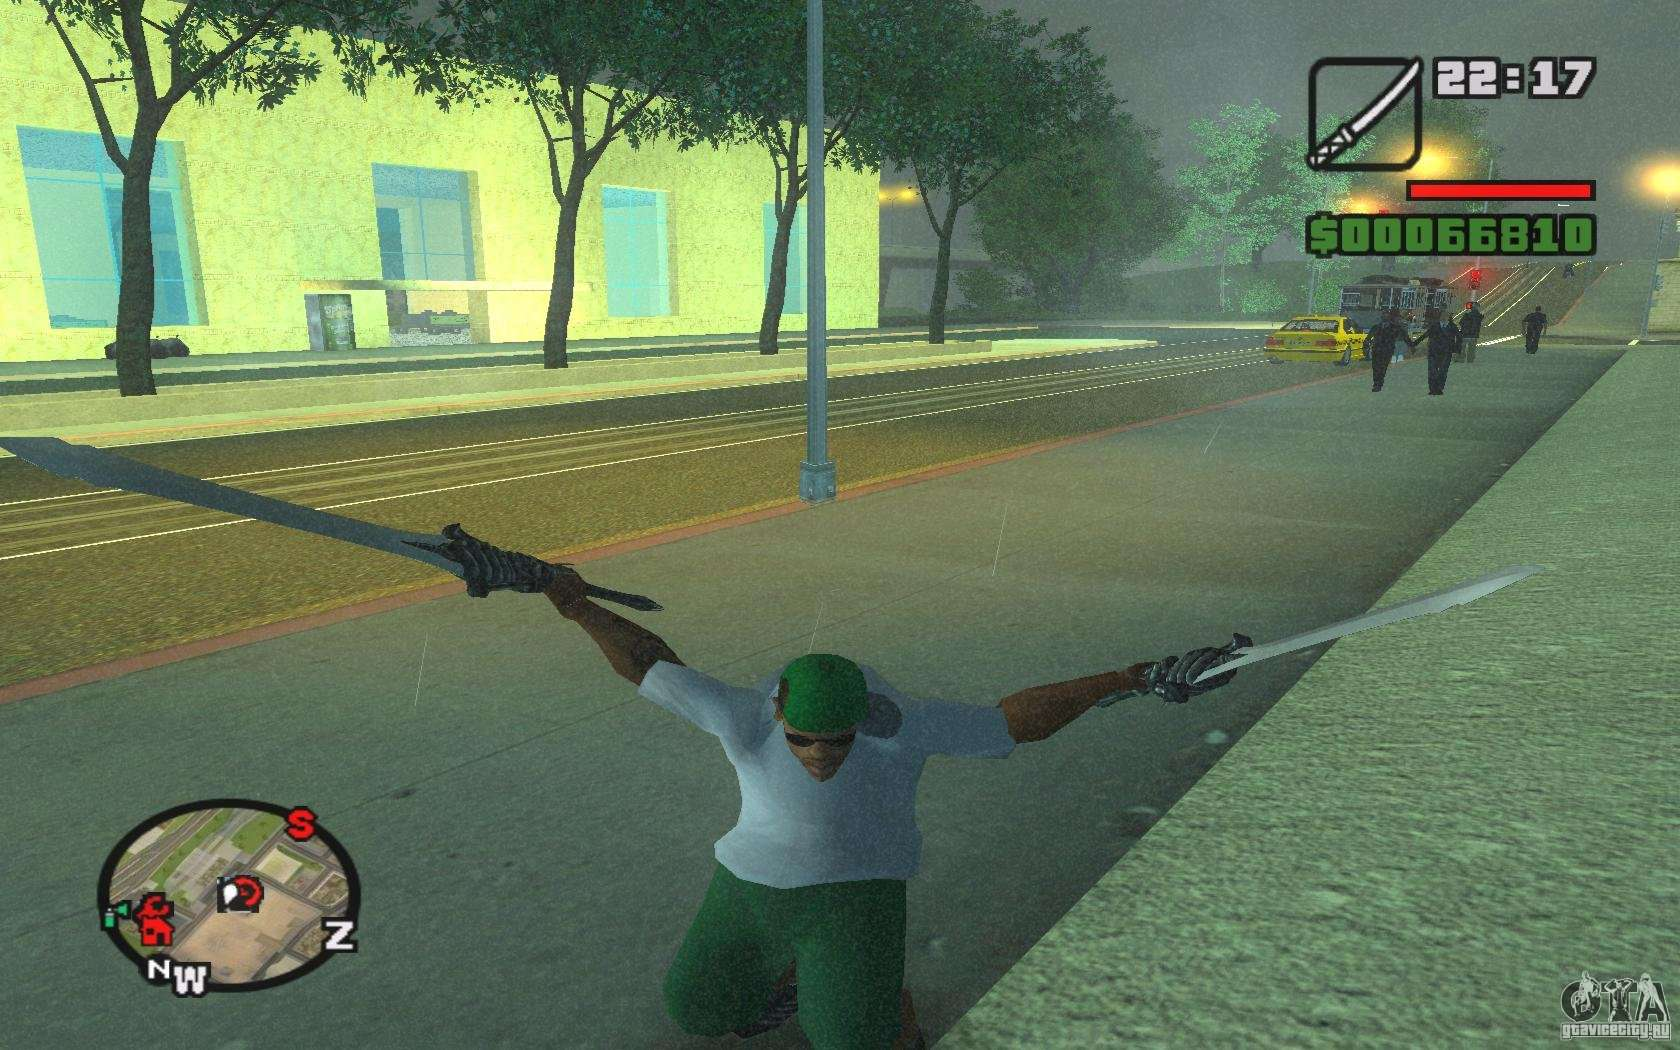 Sword Of Dante From Dmc 3 For Gta San Andreas